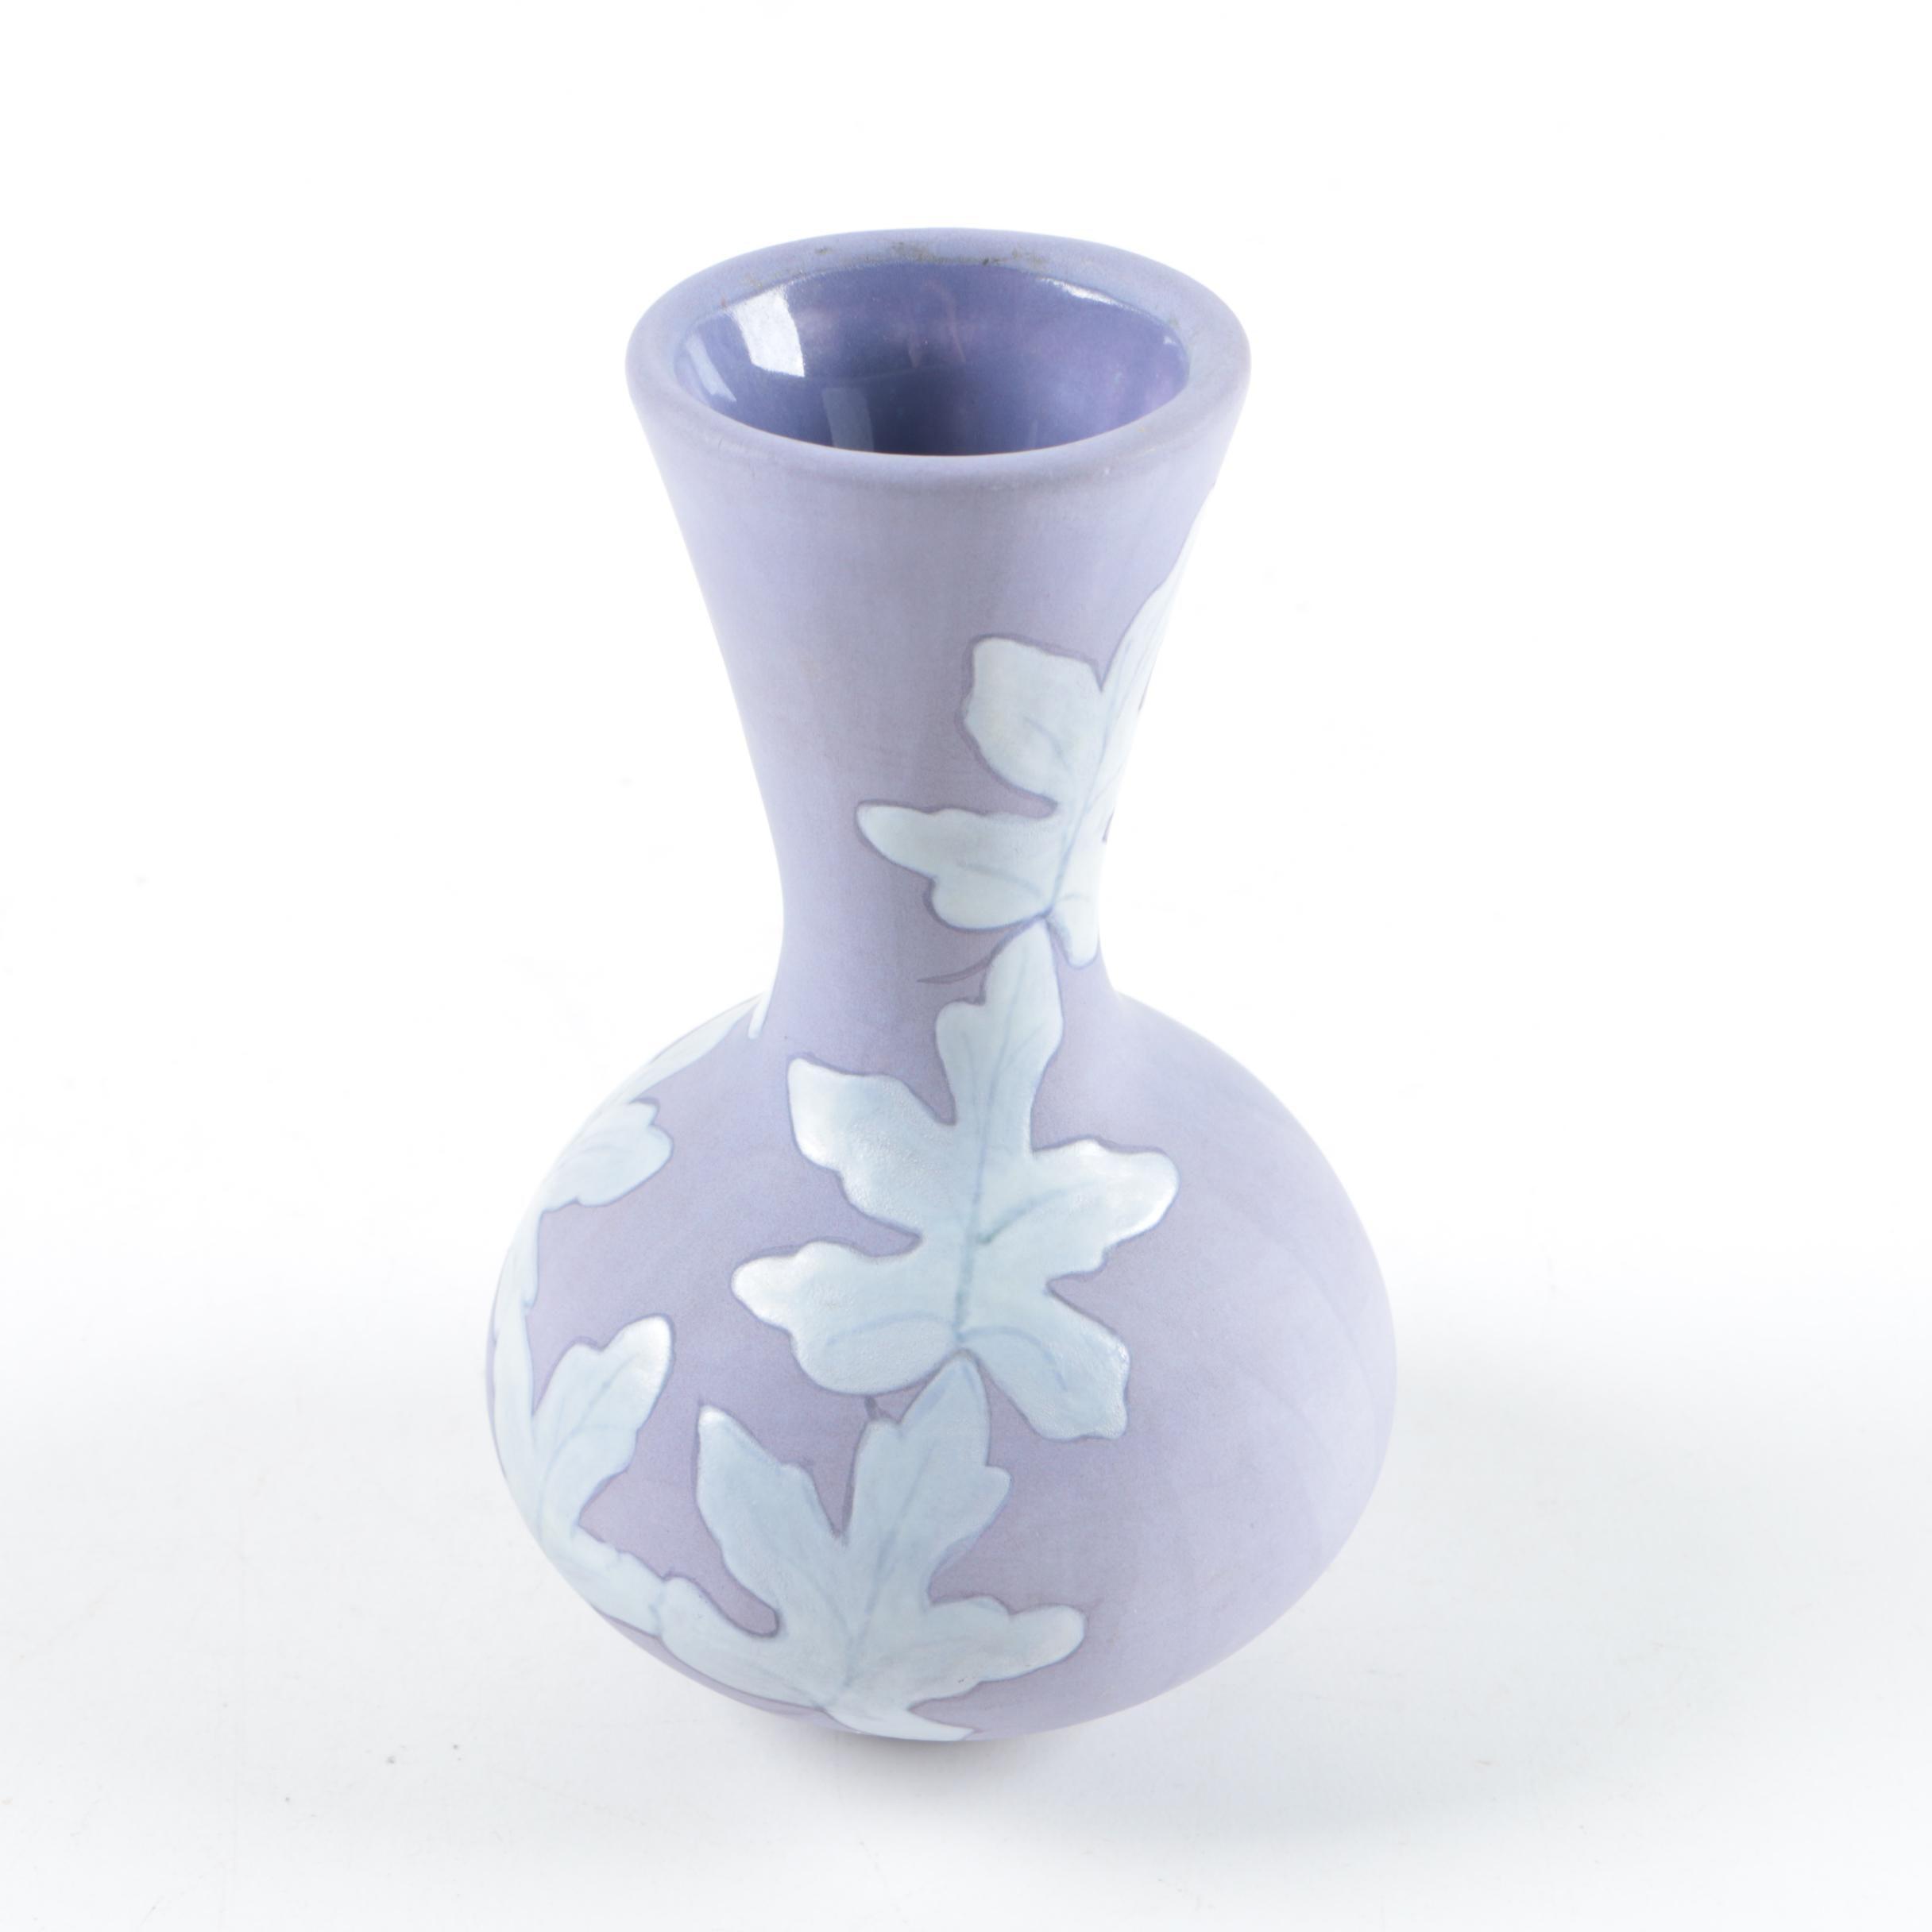 Vintage Leaf Motif Ceramic Bud Vase